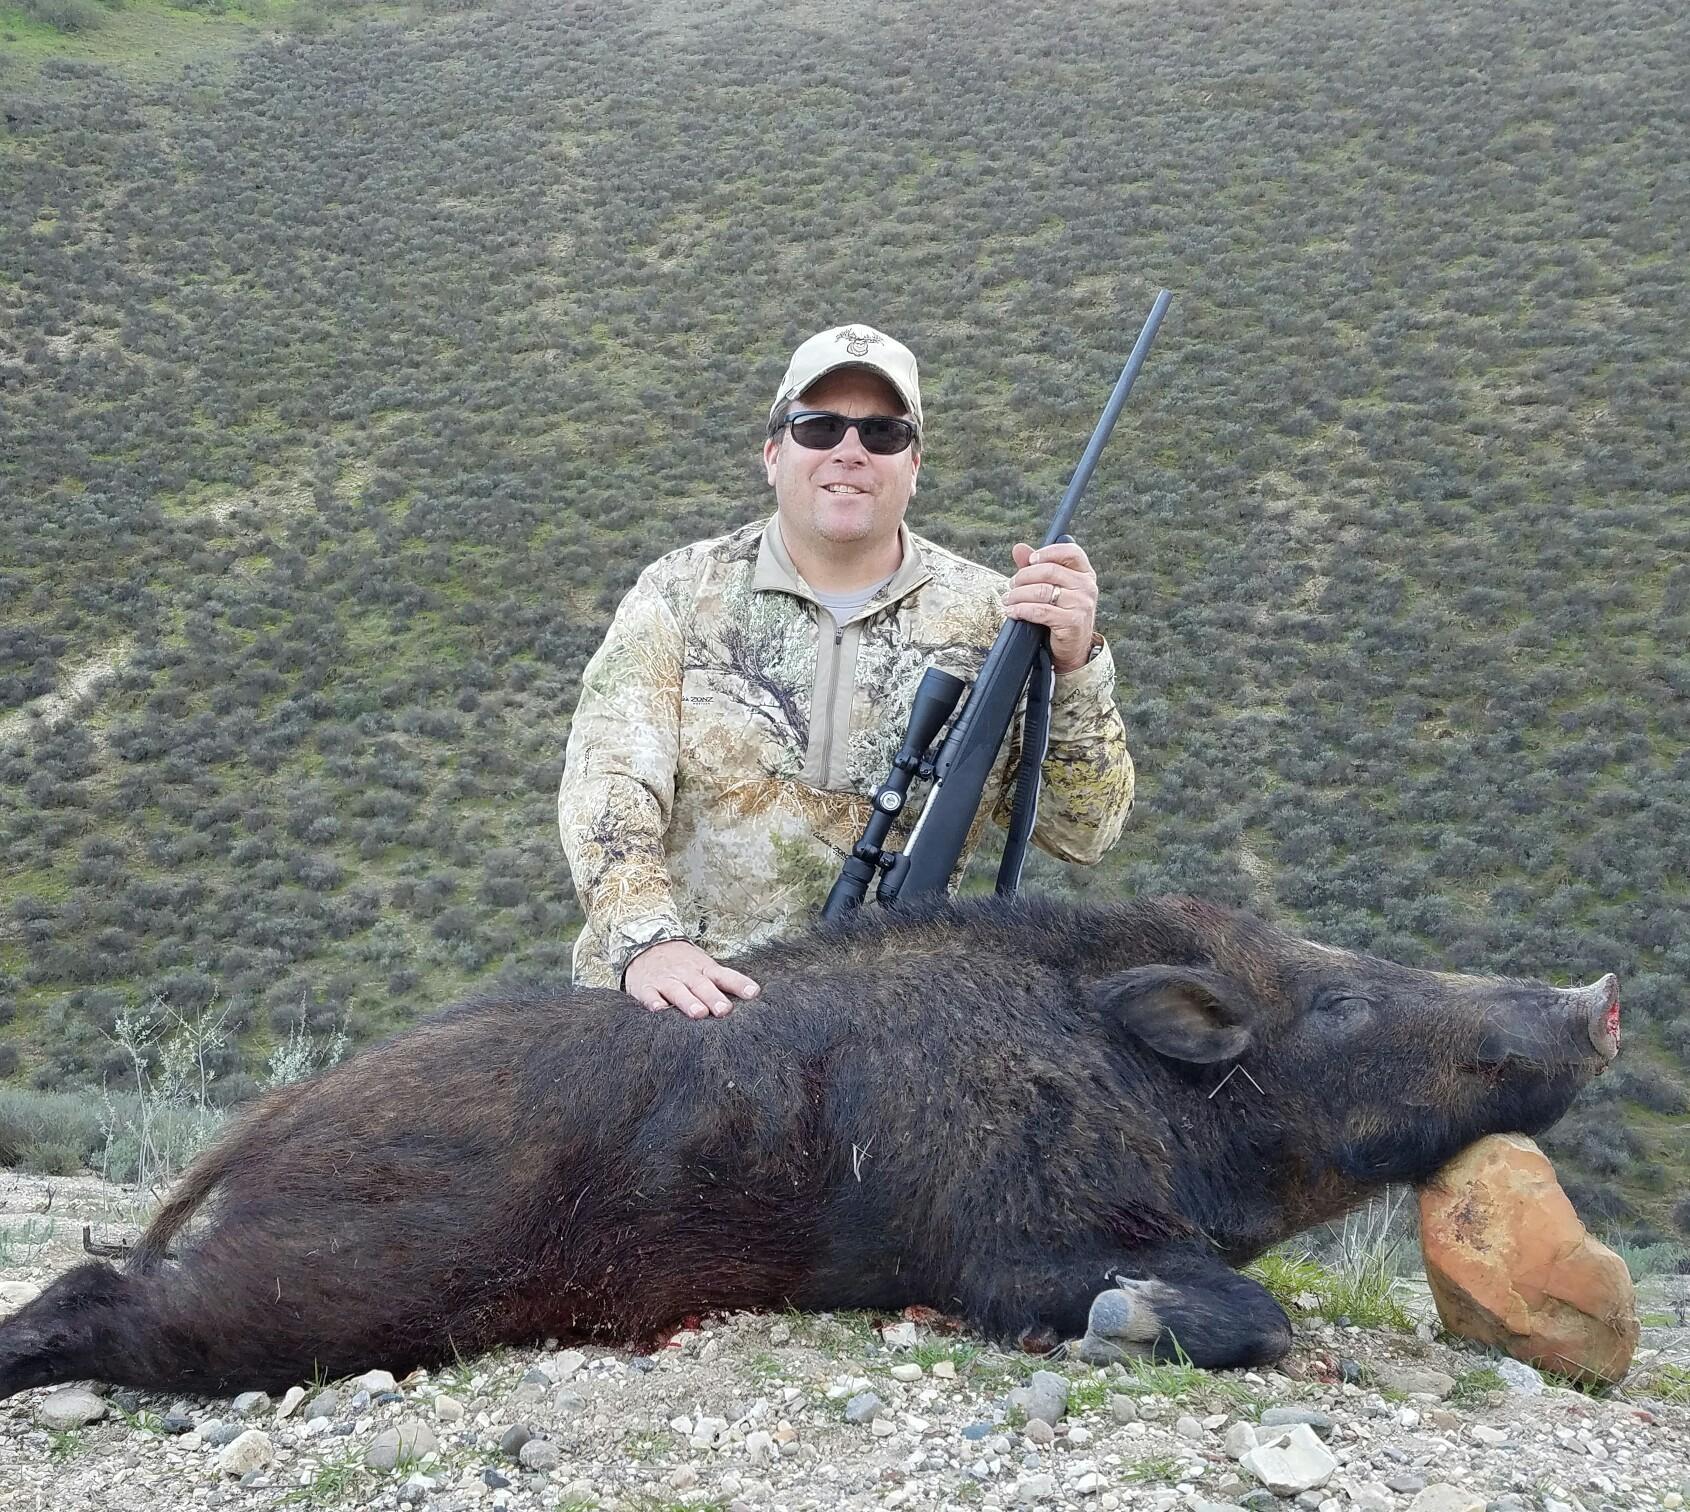 California Wild Pig